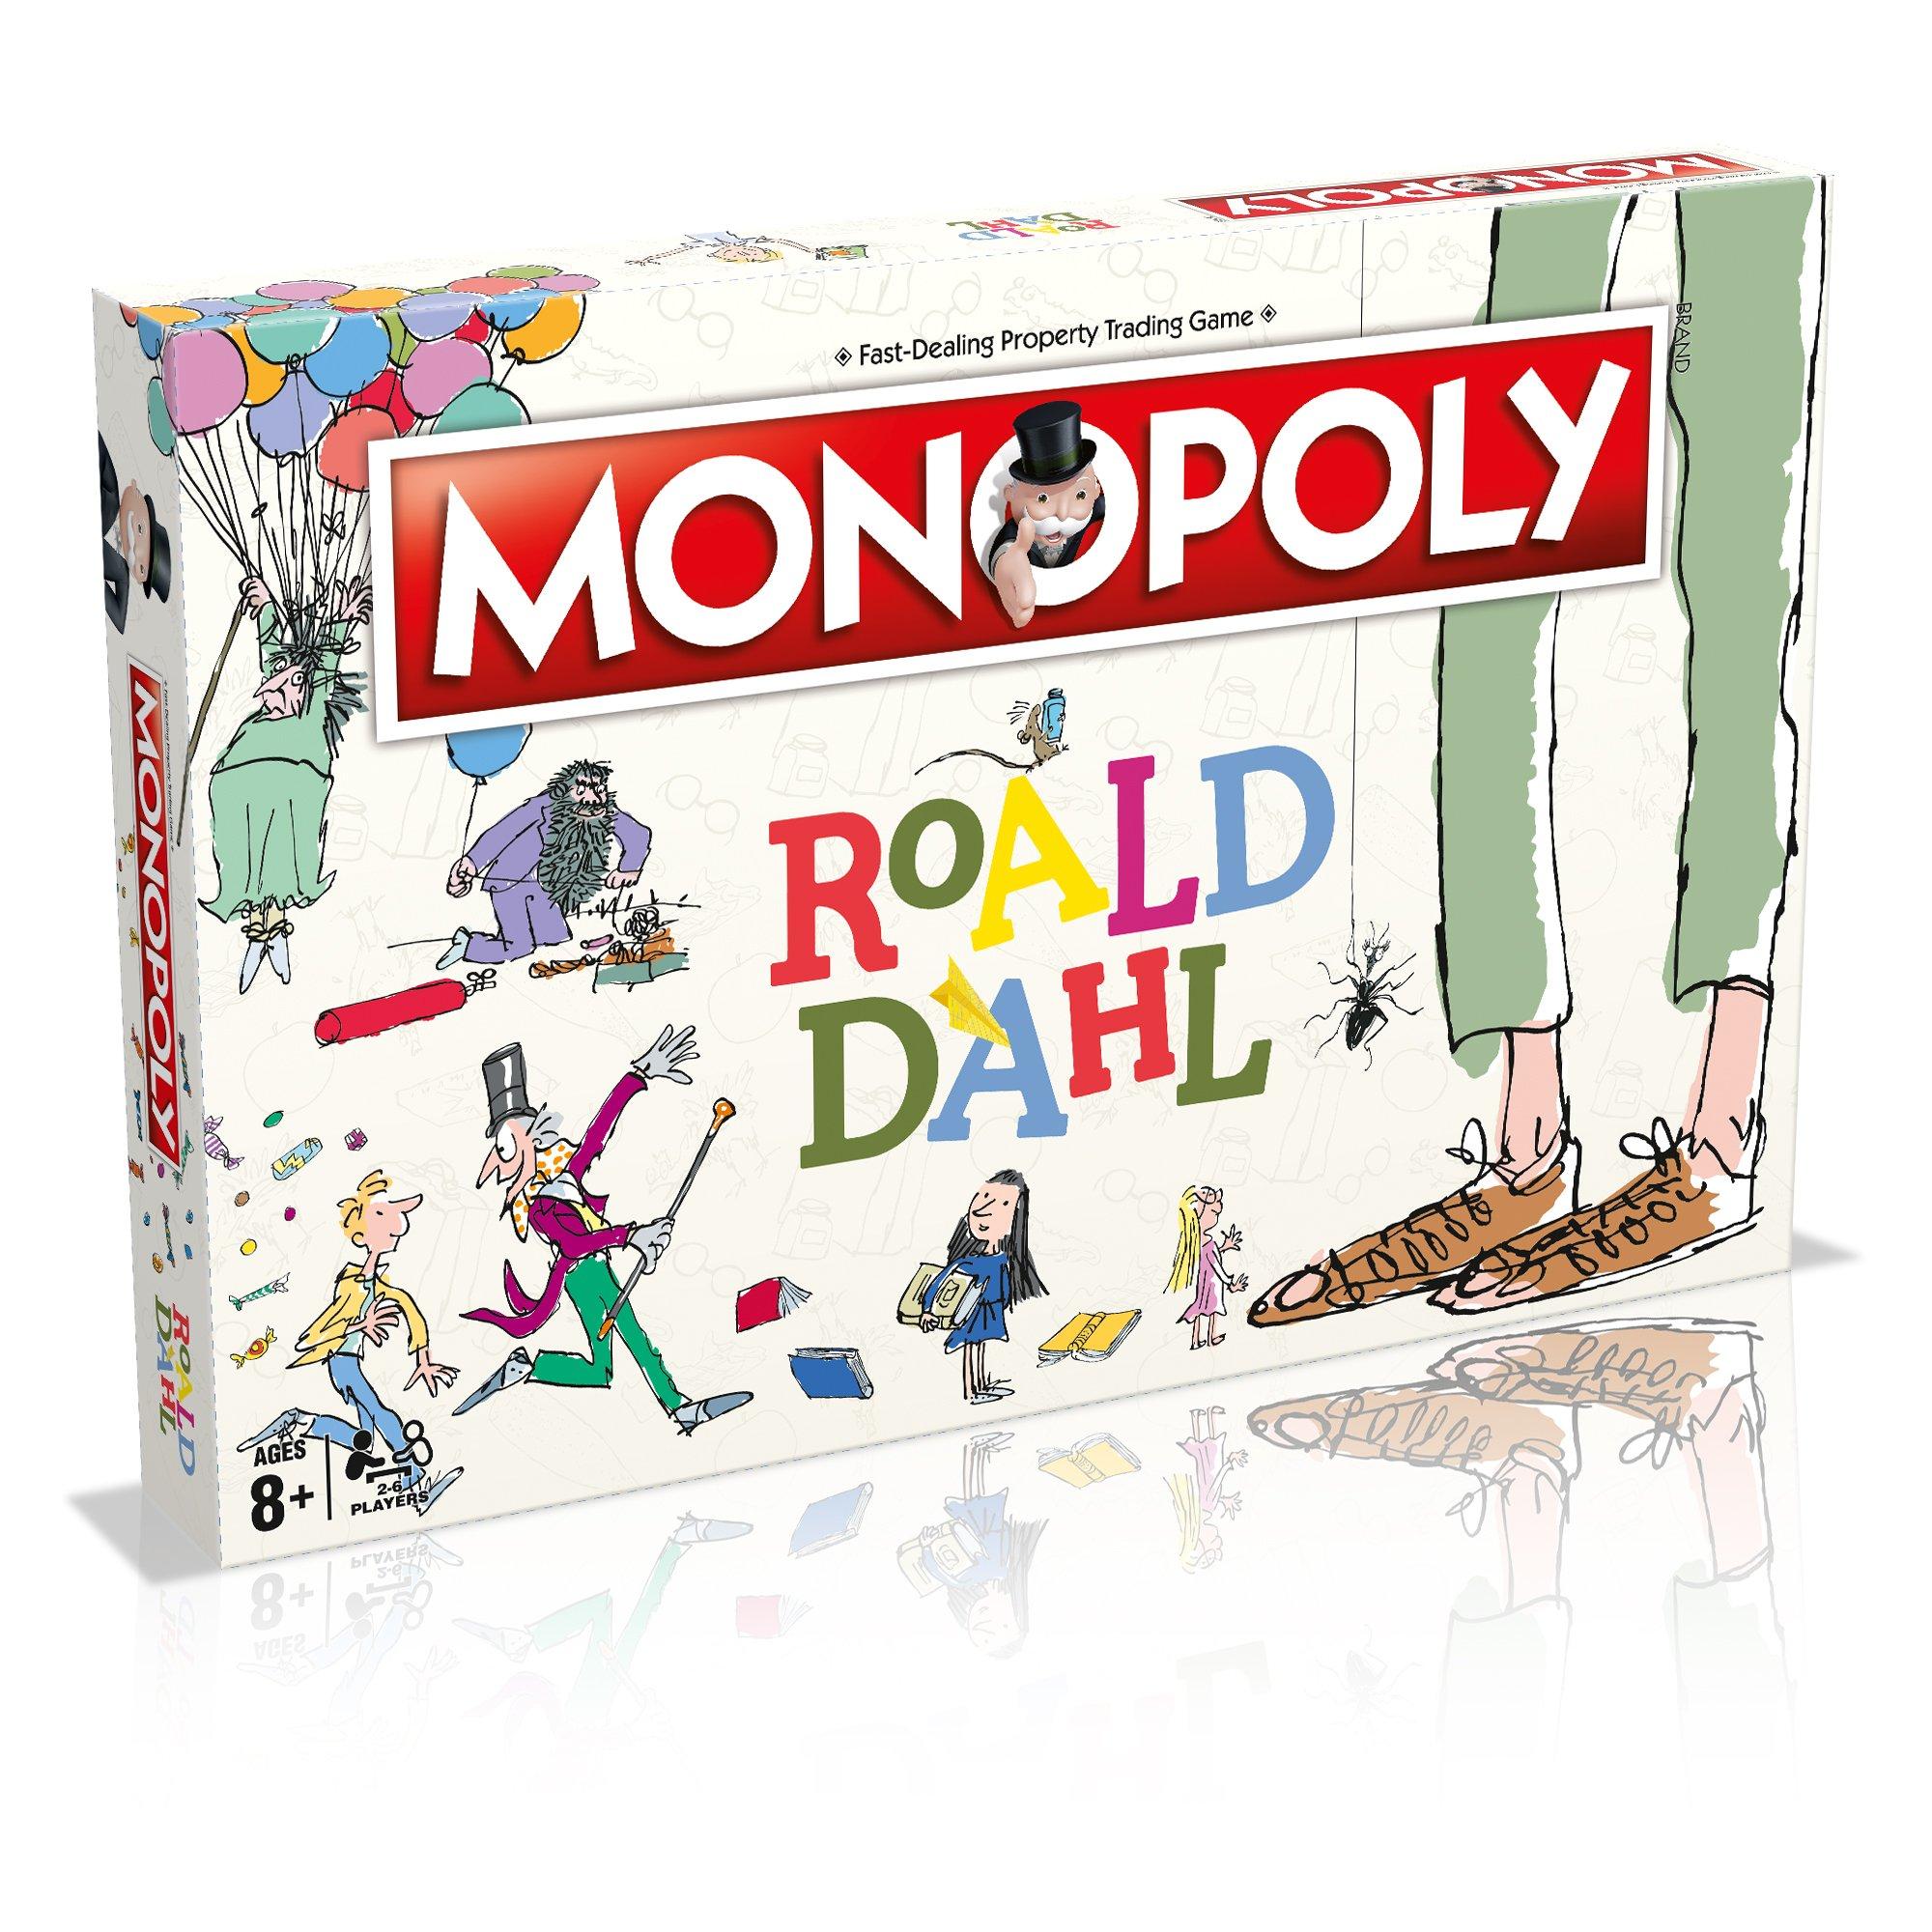 Roald Dahl Monopoly Board Game: Amazon.es: Libros en idiomas extranjeros